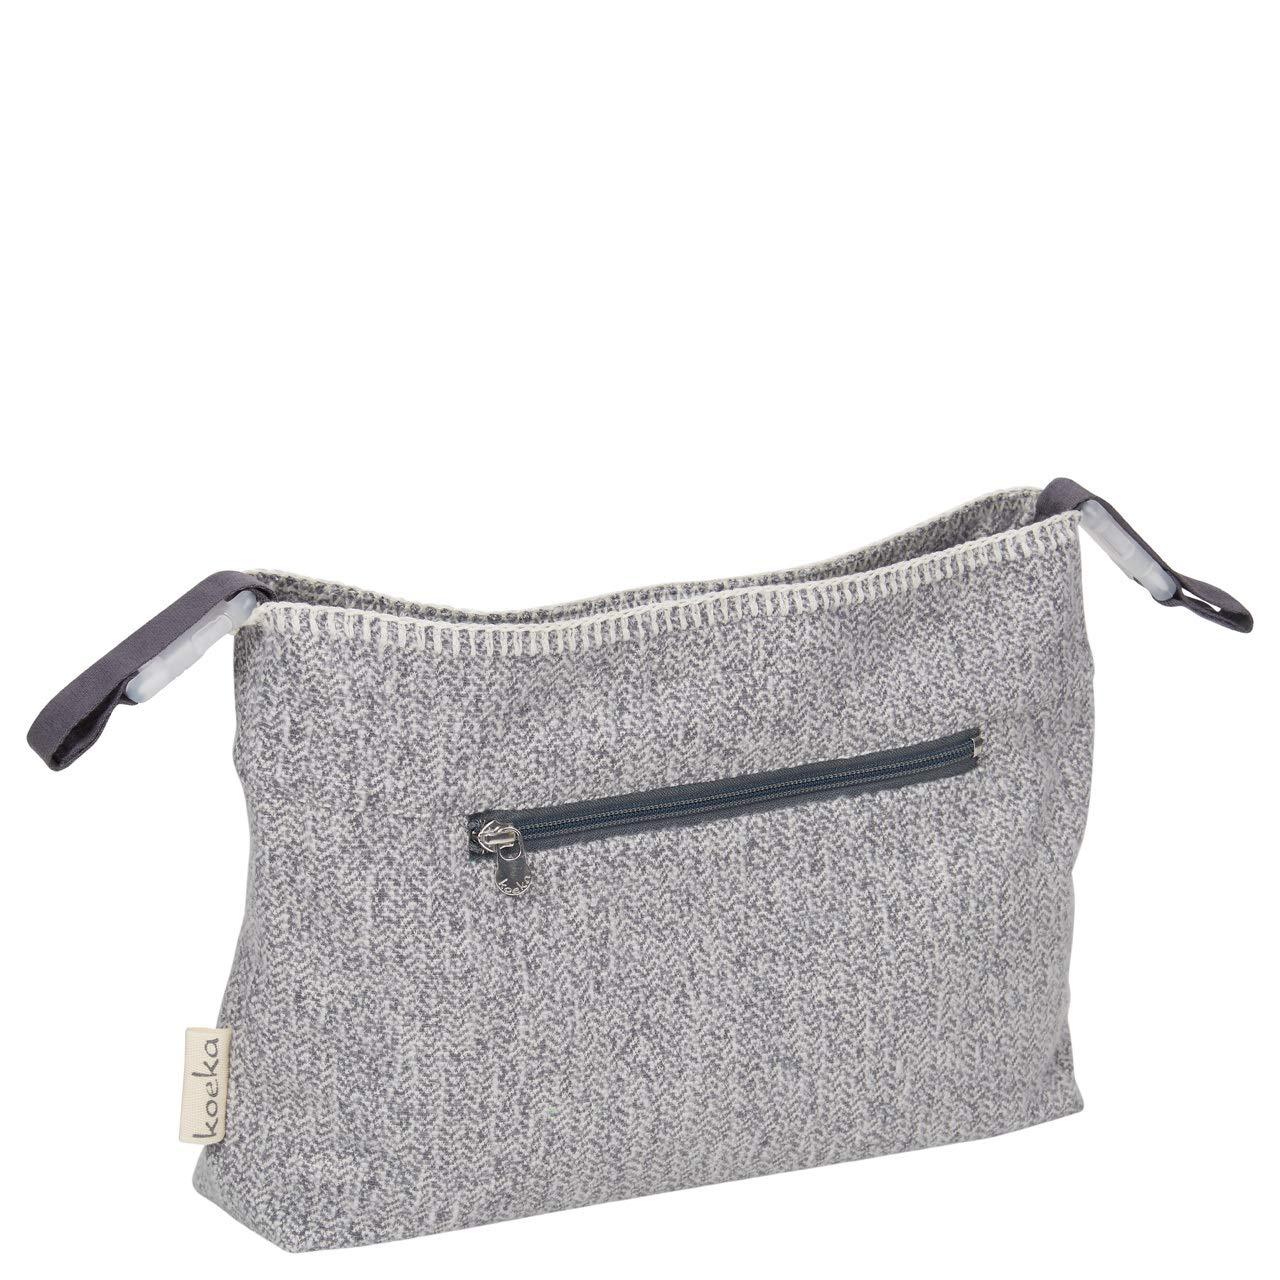 Koeka Kinderwagentasche//Buggy Organizer Vigo Sparkle Grey One